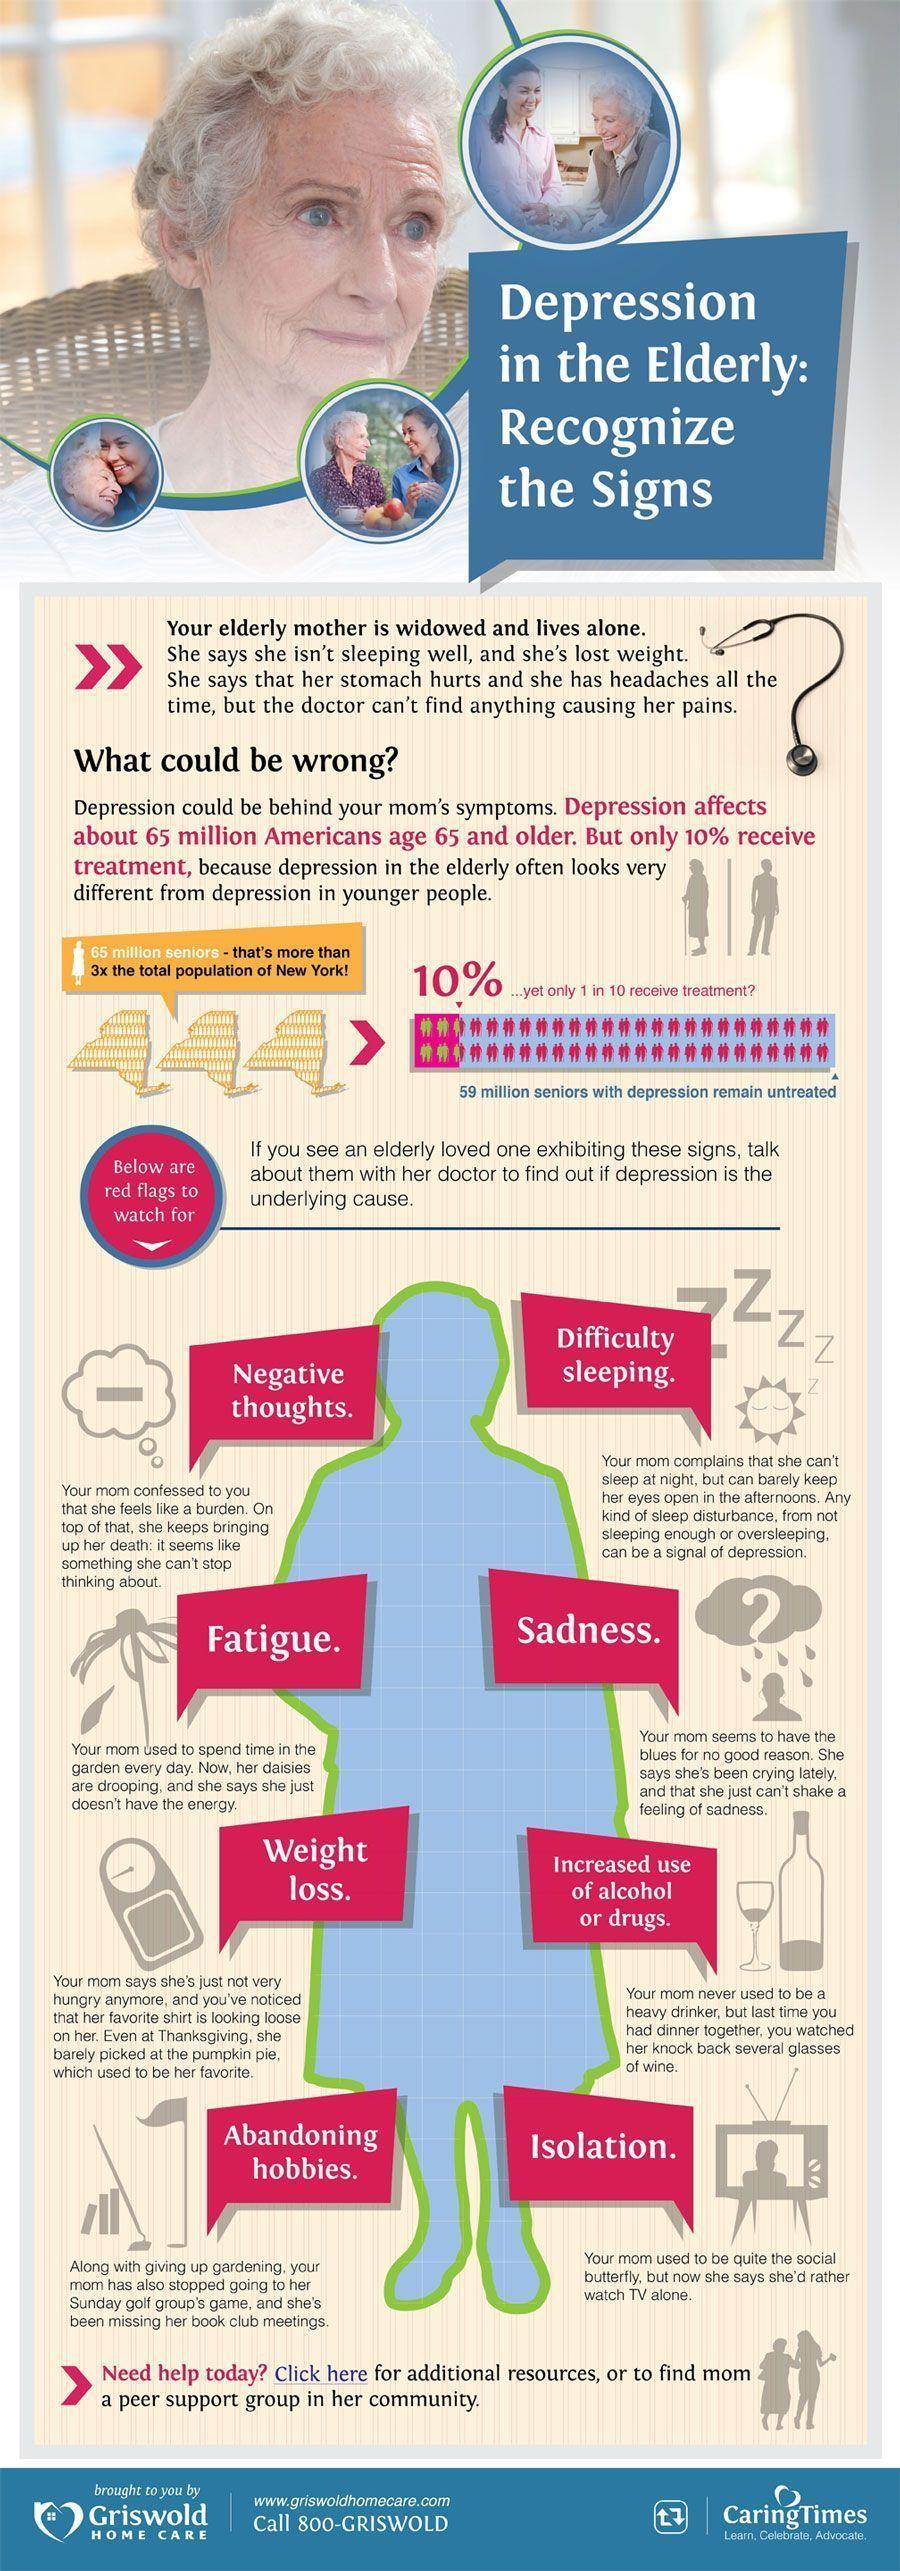 #Depression in the Elderly Infographic #elderlycareideas